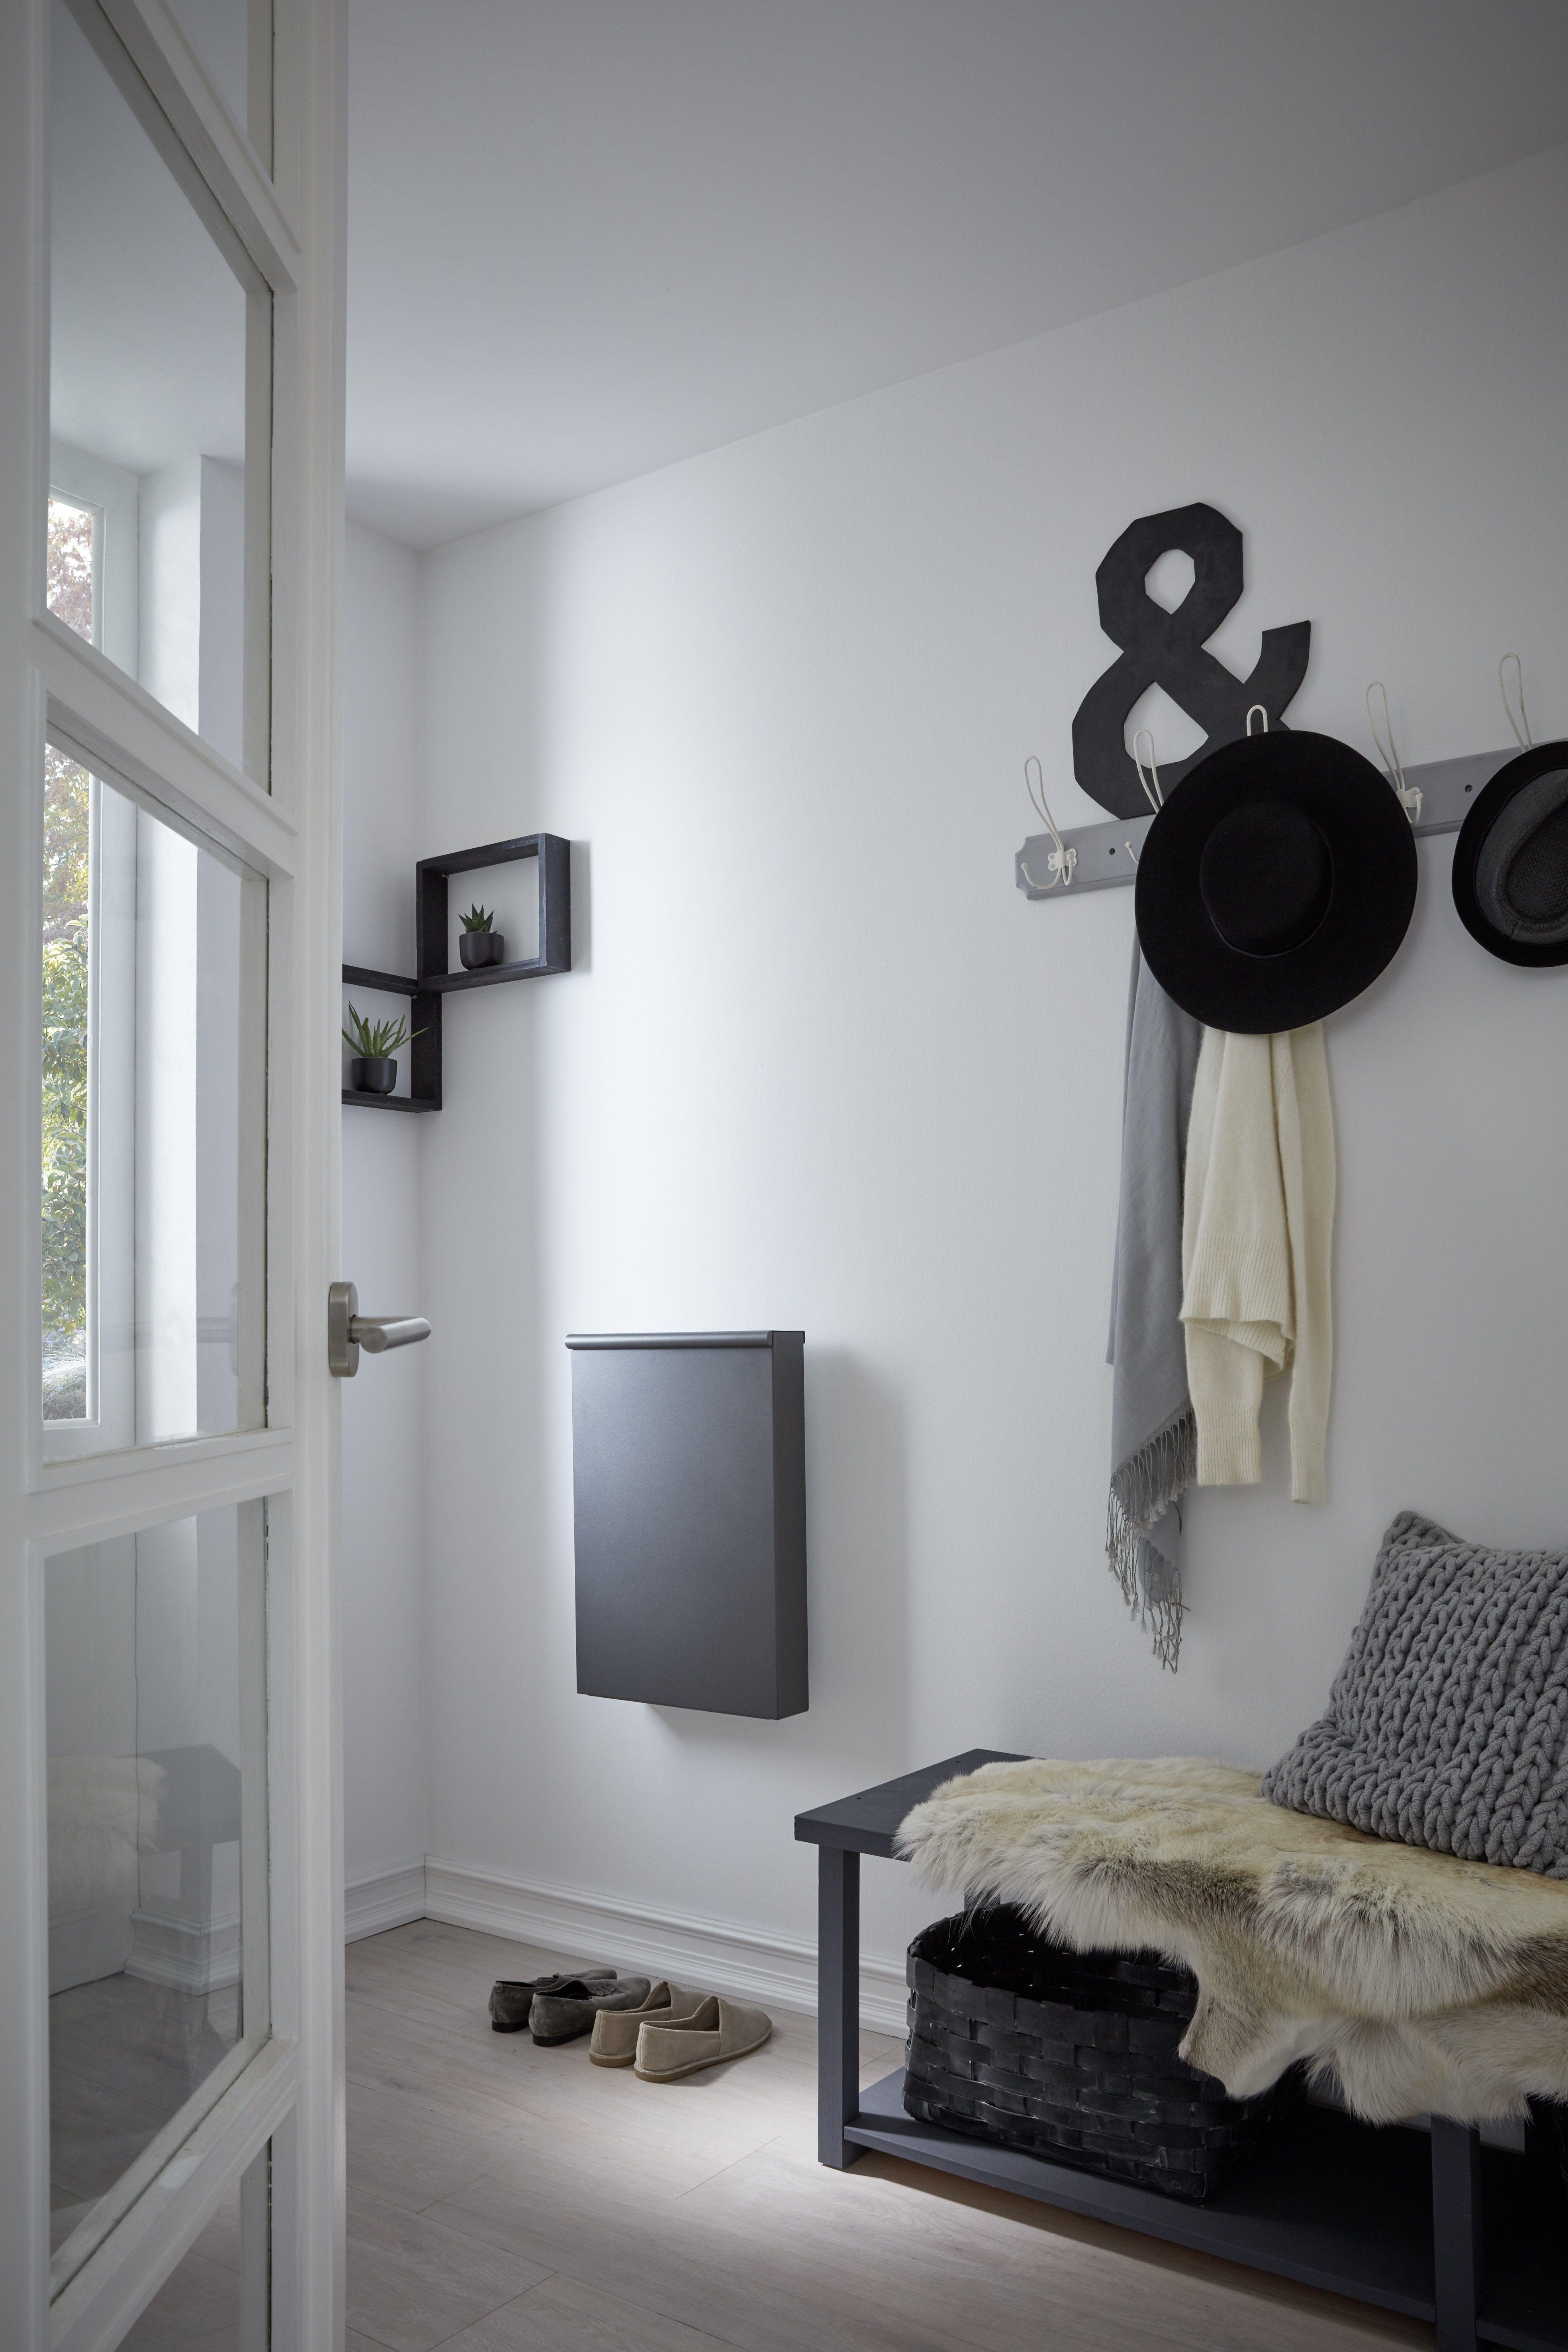 Unser Kleinster Heizkorper Perfekt Fur Den Eingangsbereich Elektroheizung Flur Eingangsbereich Willkommen Wohnzimmer Planen Kinder Zimmer Flachenheizung